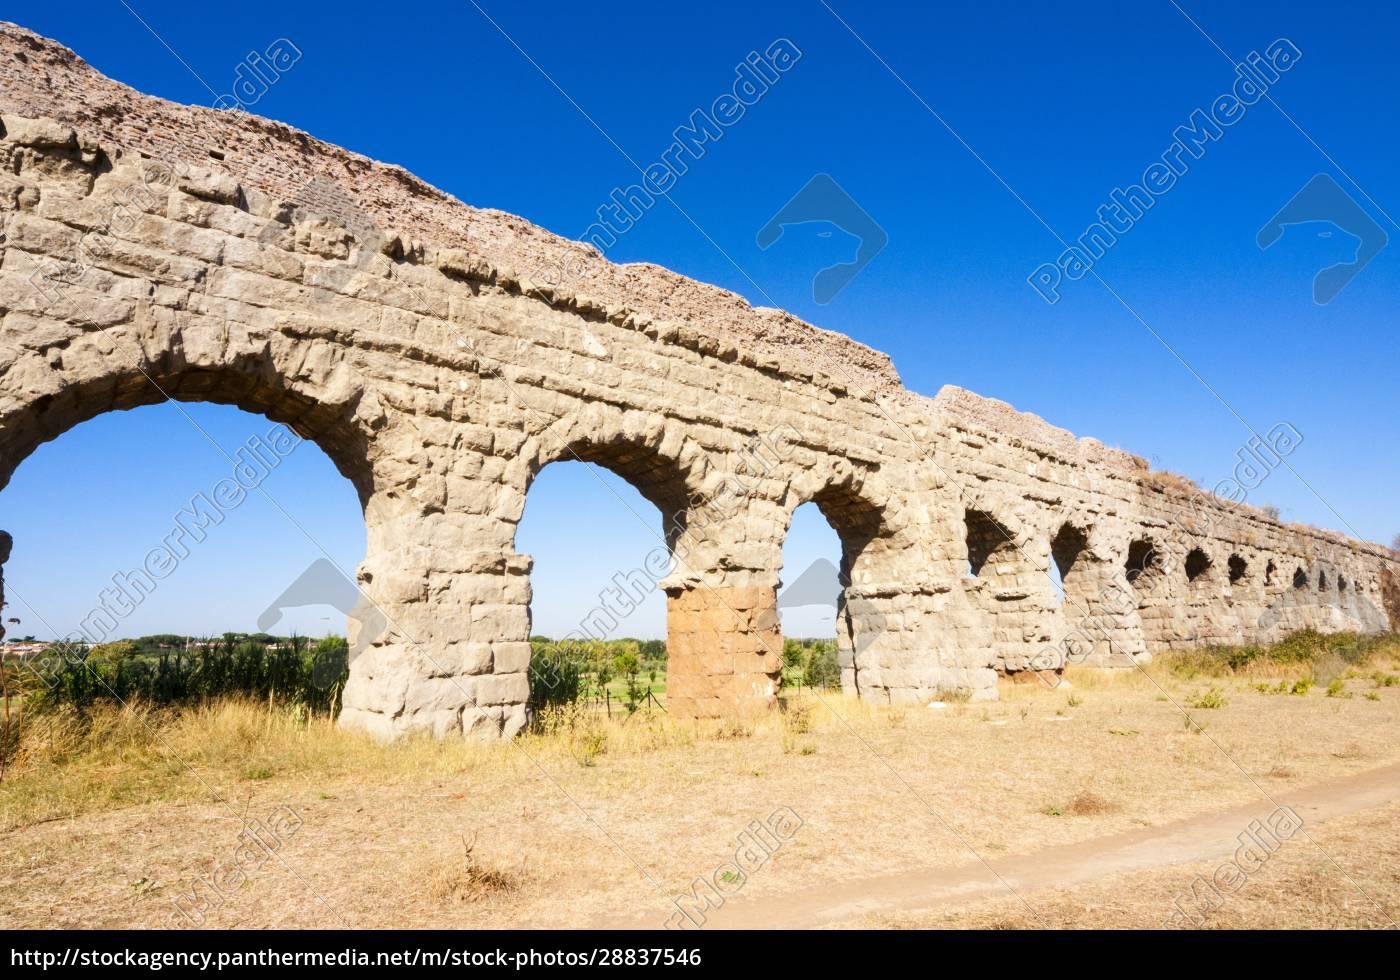 parco, degli, acquedotti, appian, way, park, pozostałości, rzymskiego - 28837546